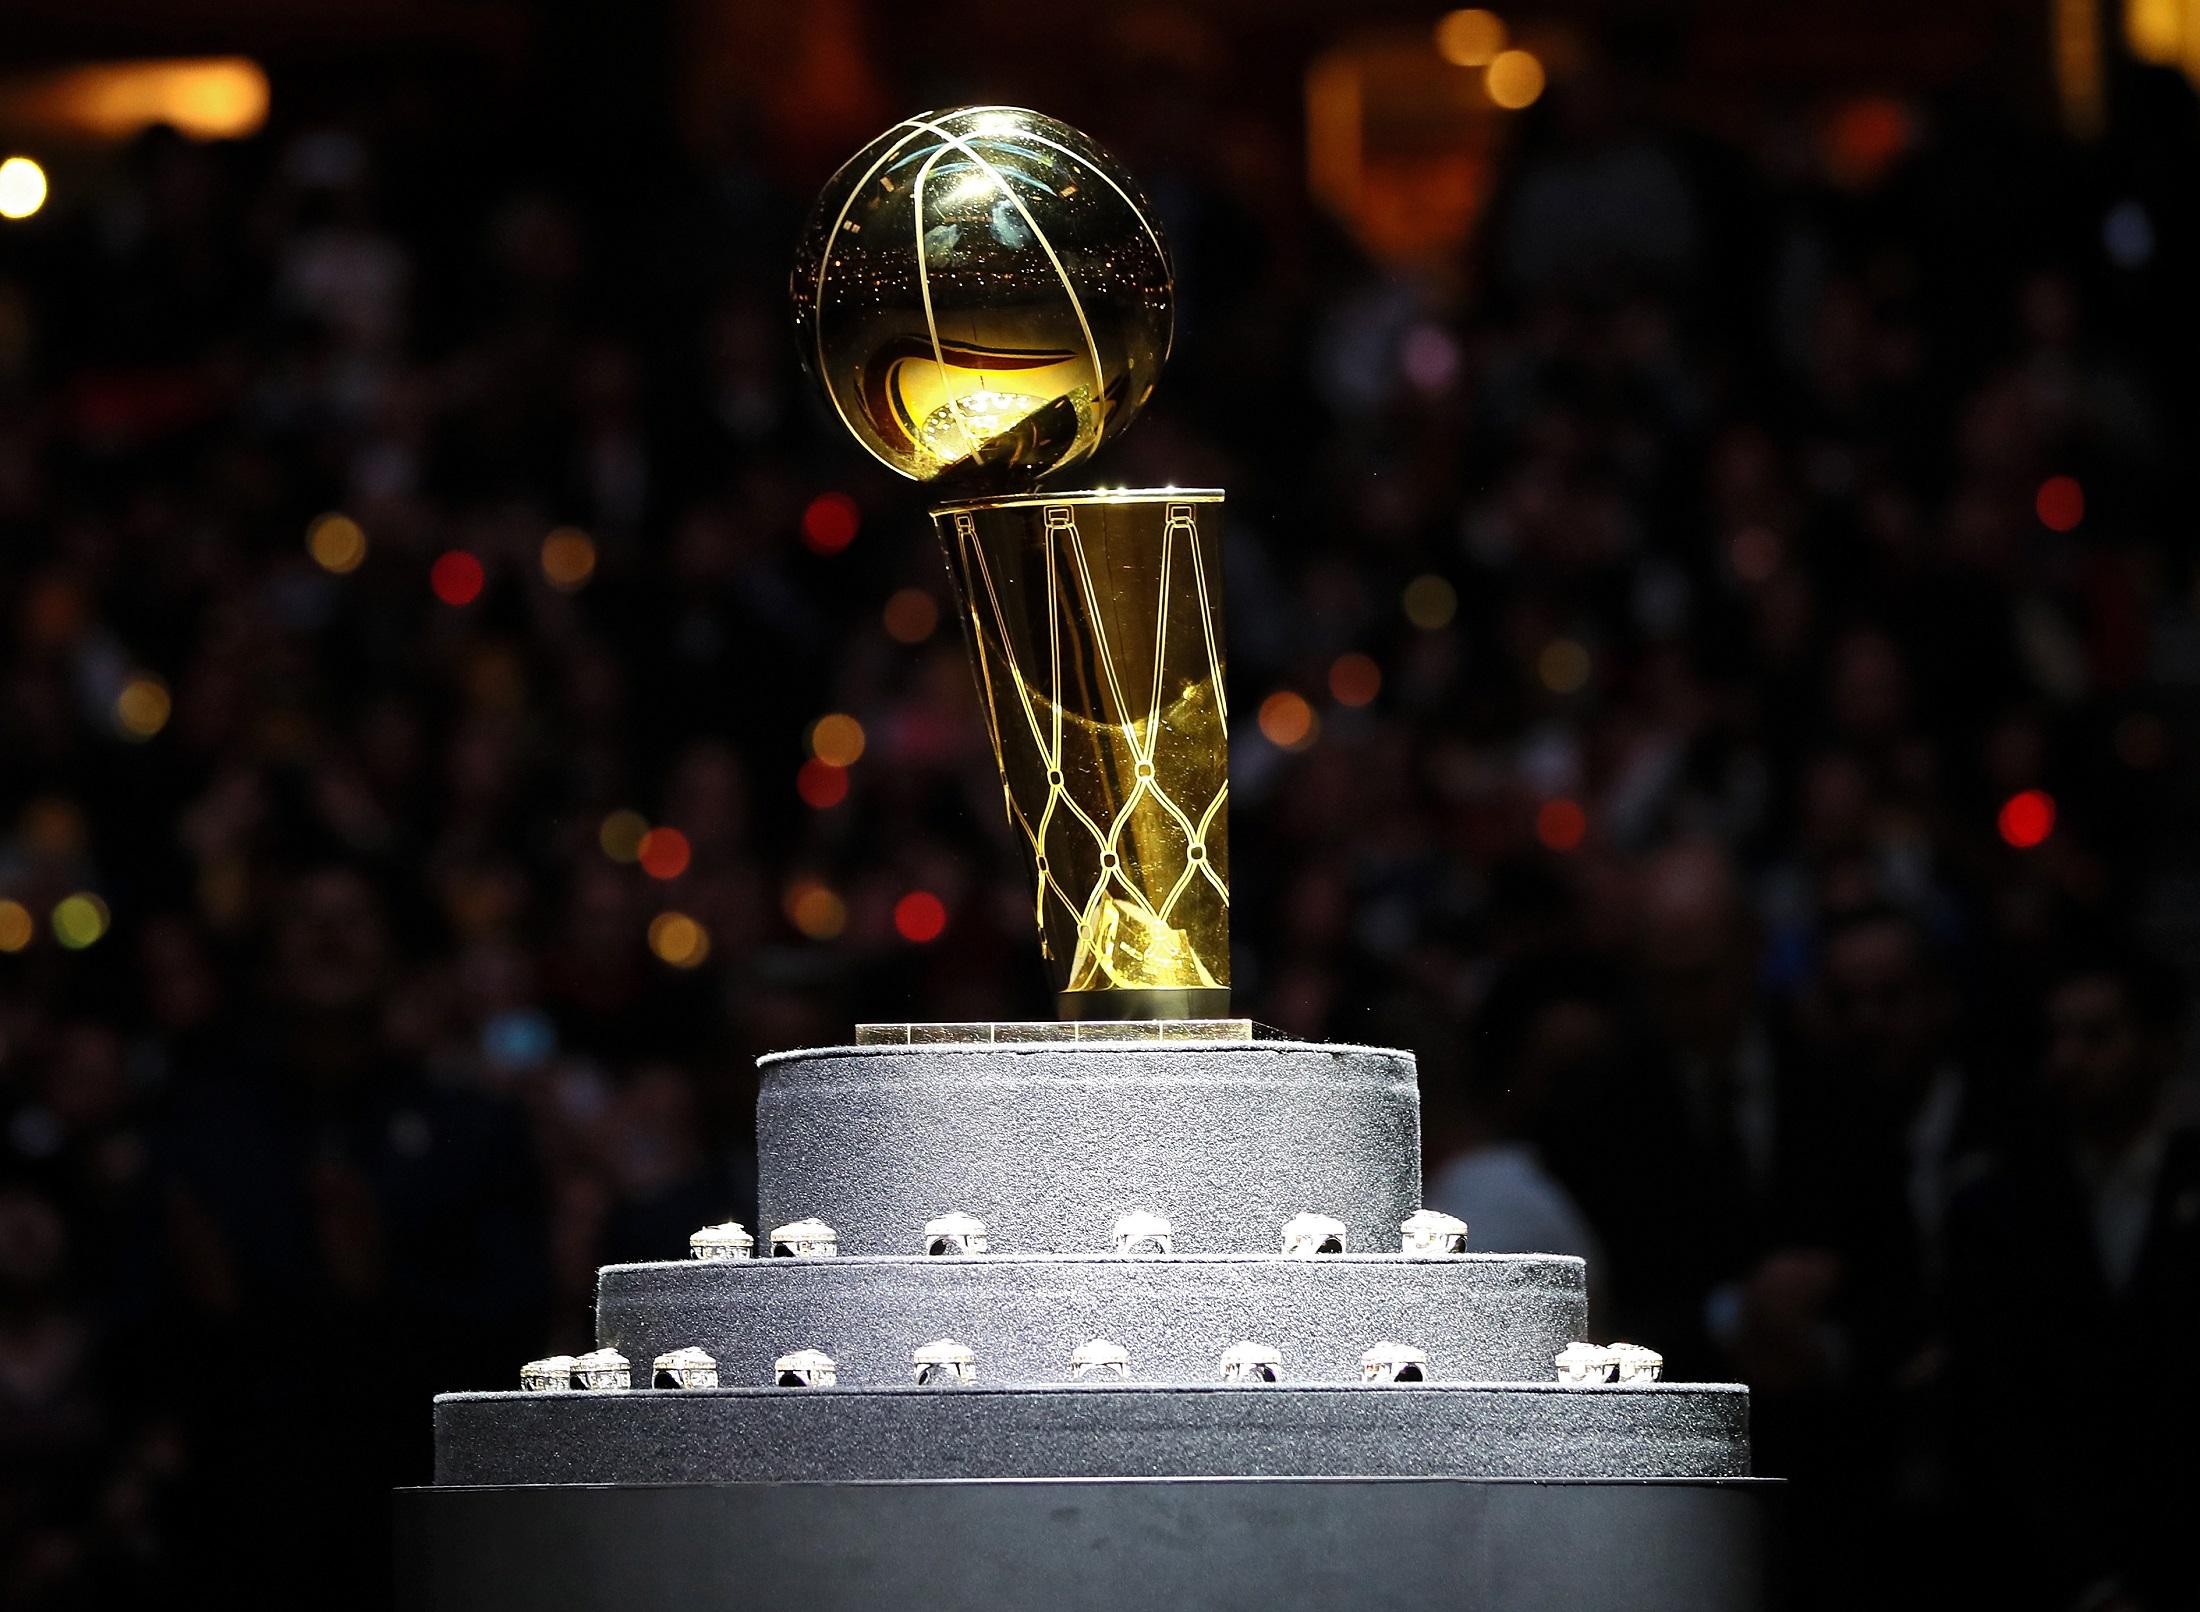 ¿Apuestas por Cavaliers o Warriors en el inicio de las Finales NBA?